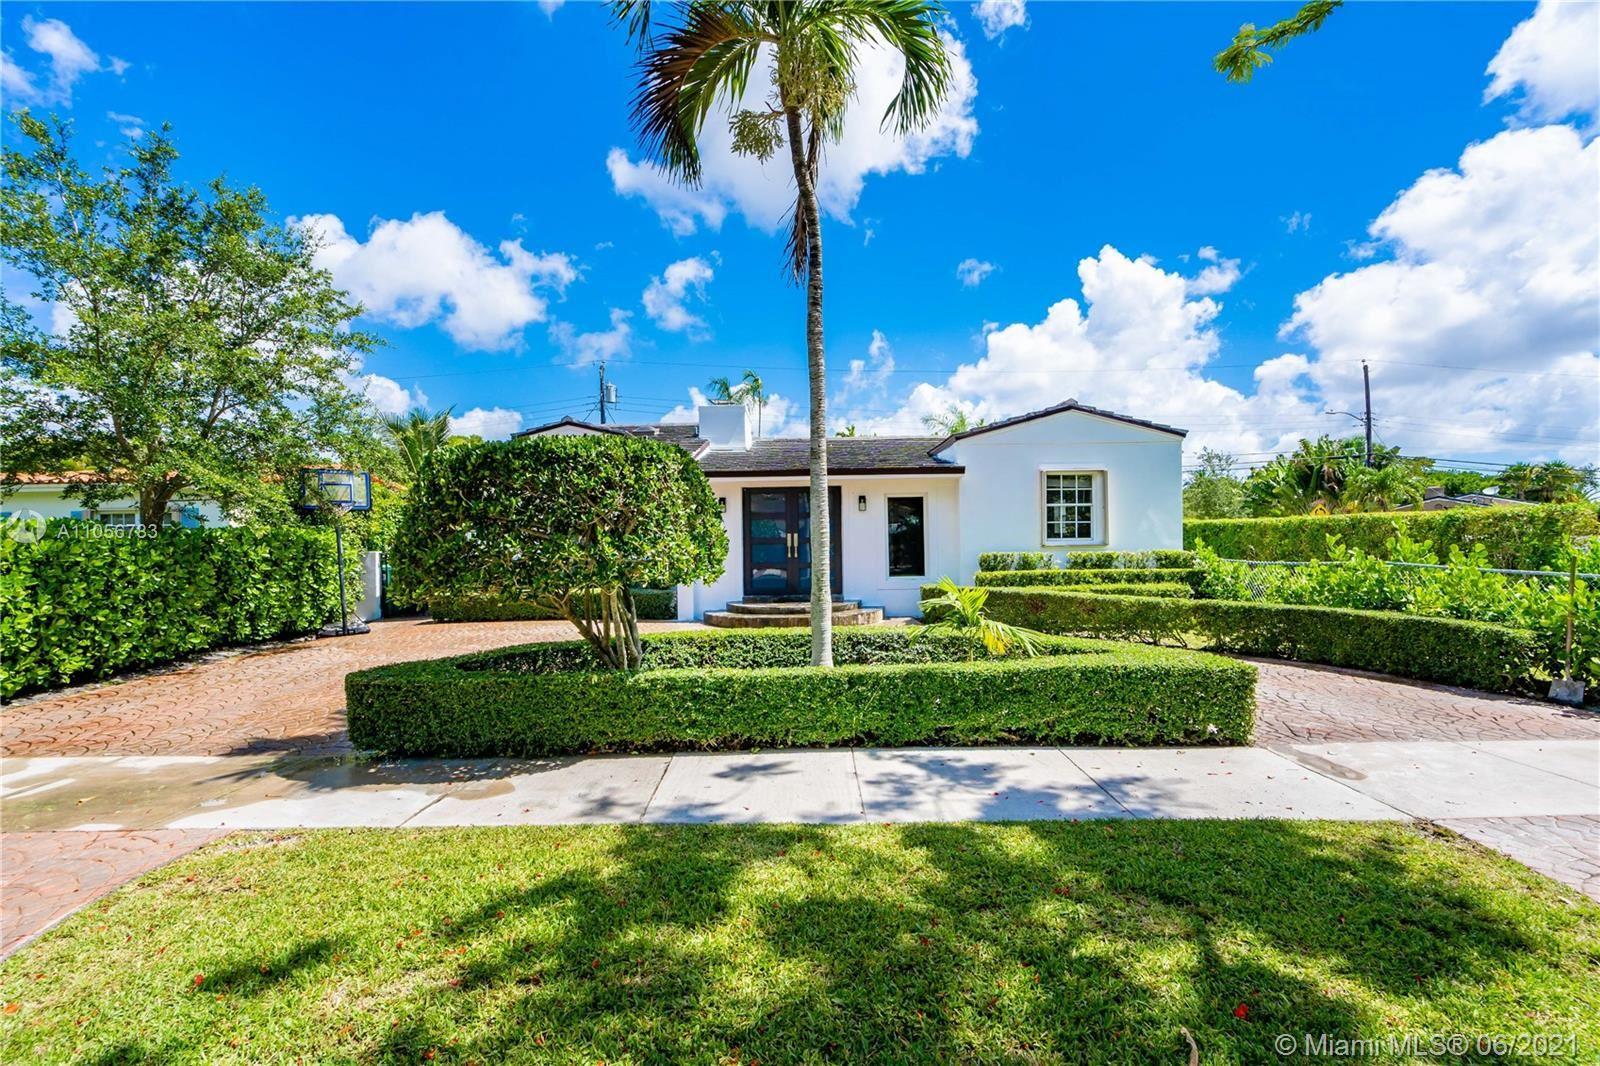 4501 SW 14th St, Miami, FL 33134 - #: A11056783